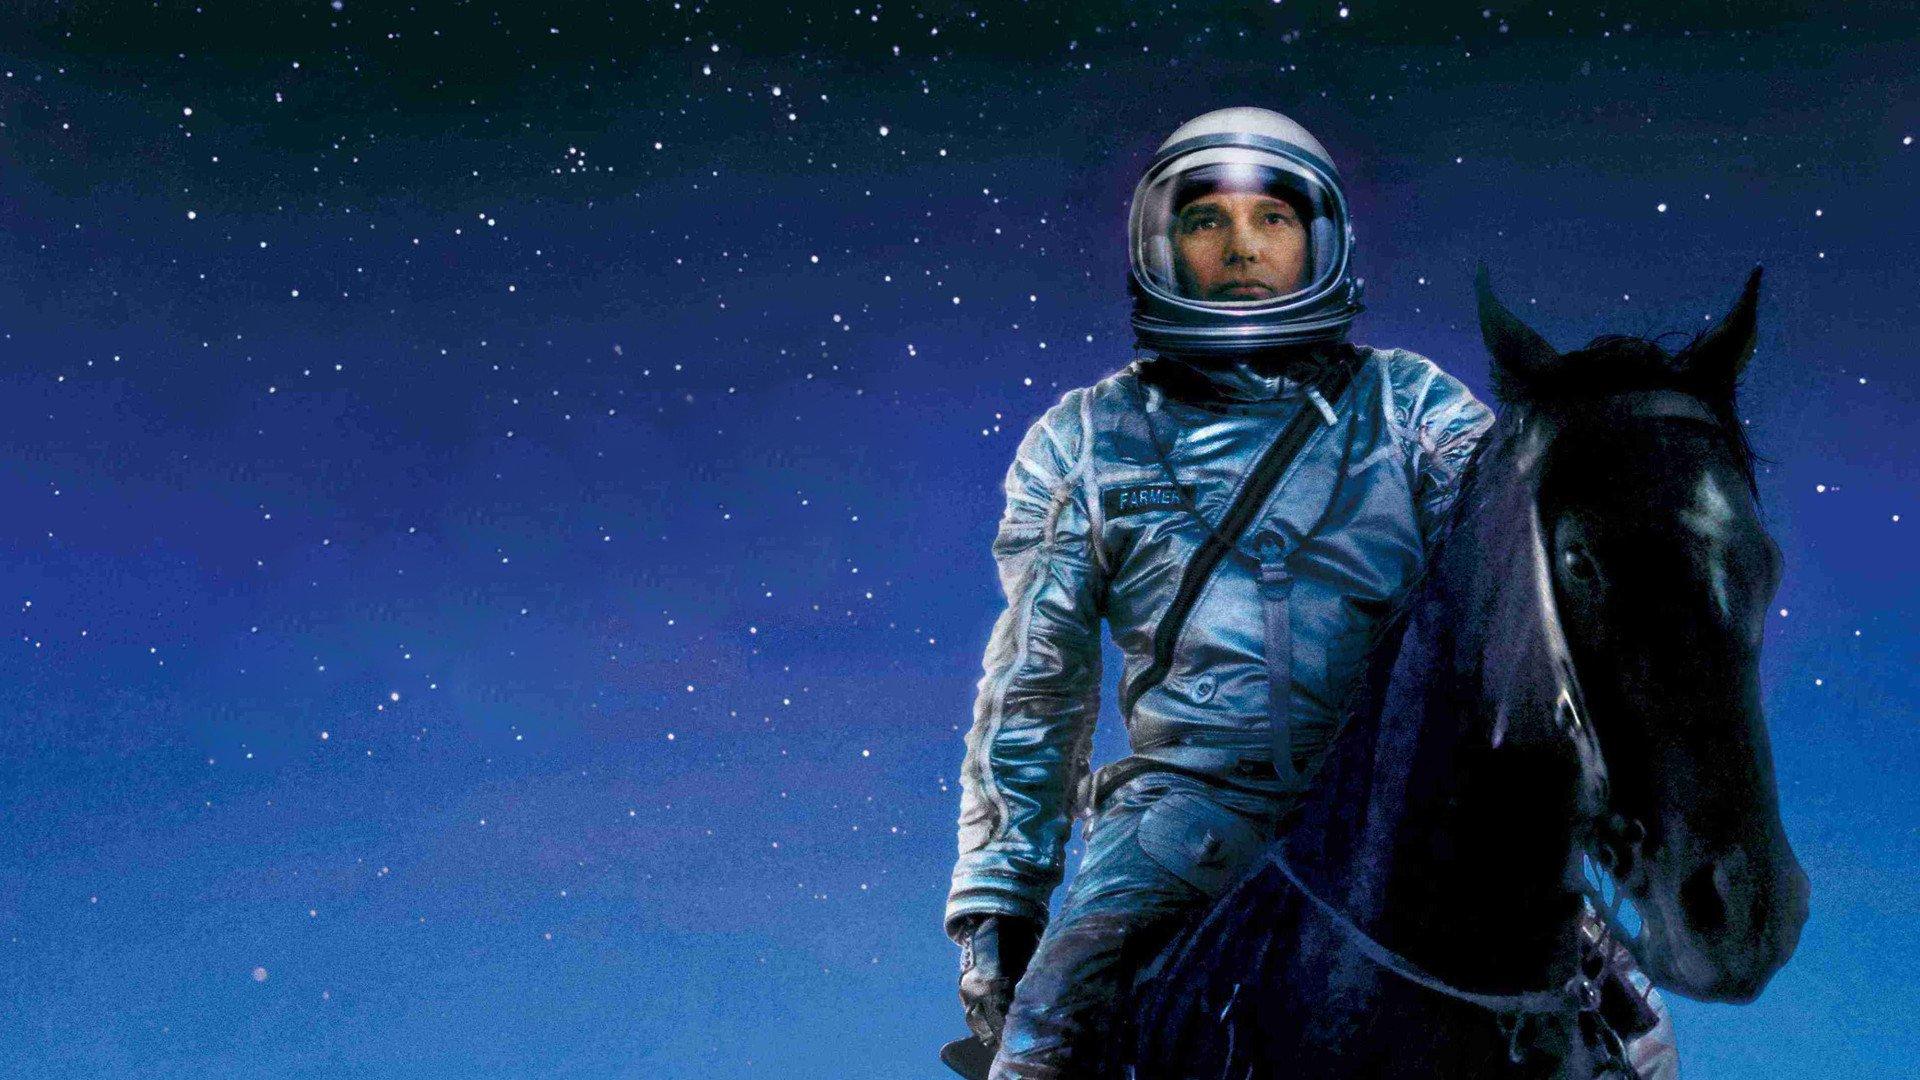 Астронавт Фармер смотреть фото